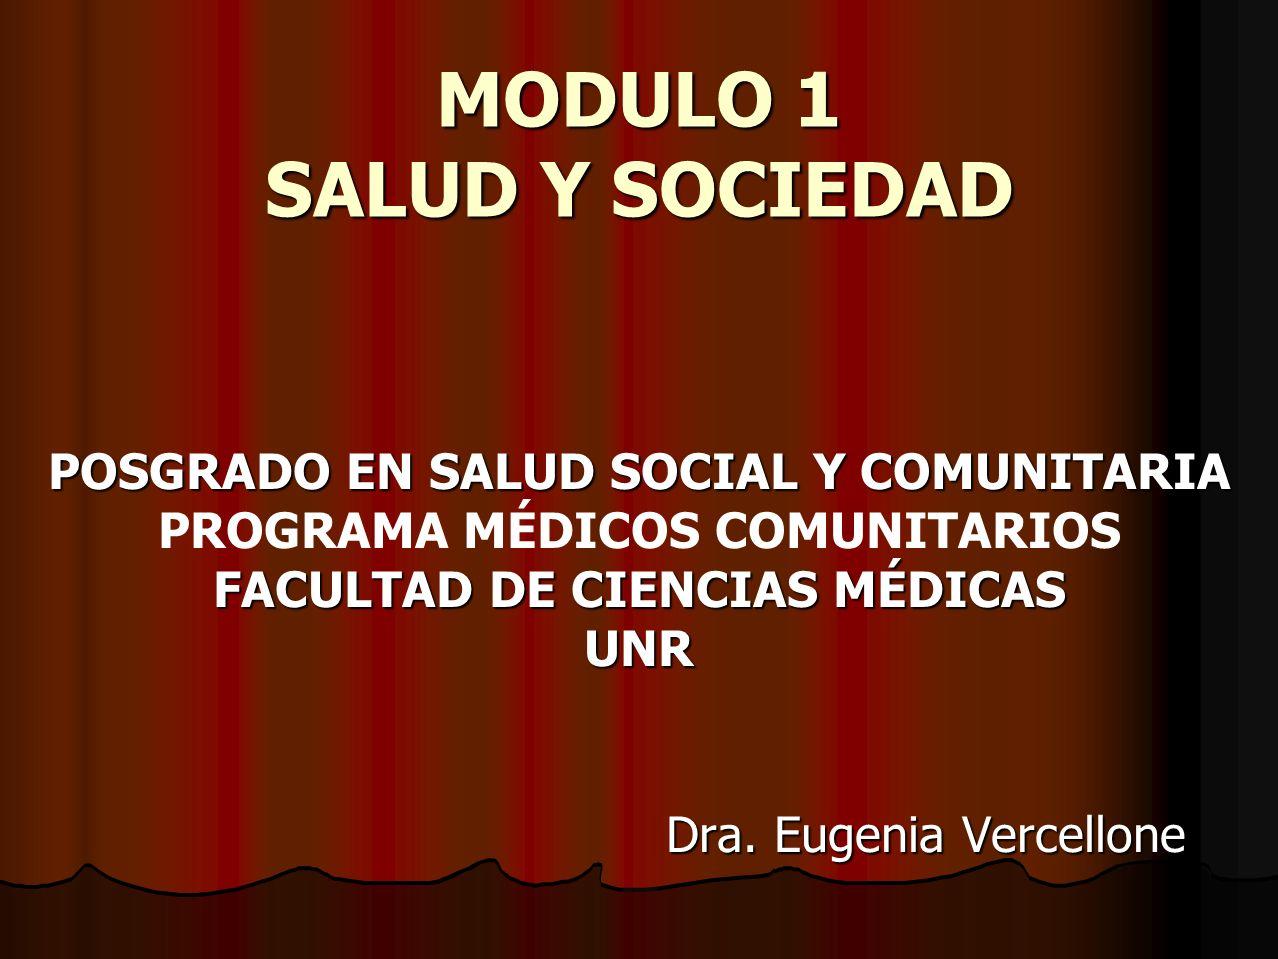 MODULO 1 SALUD Y SOCIEDAD